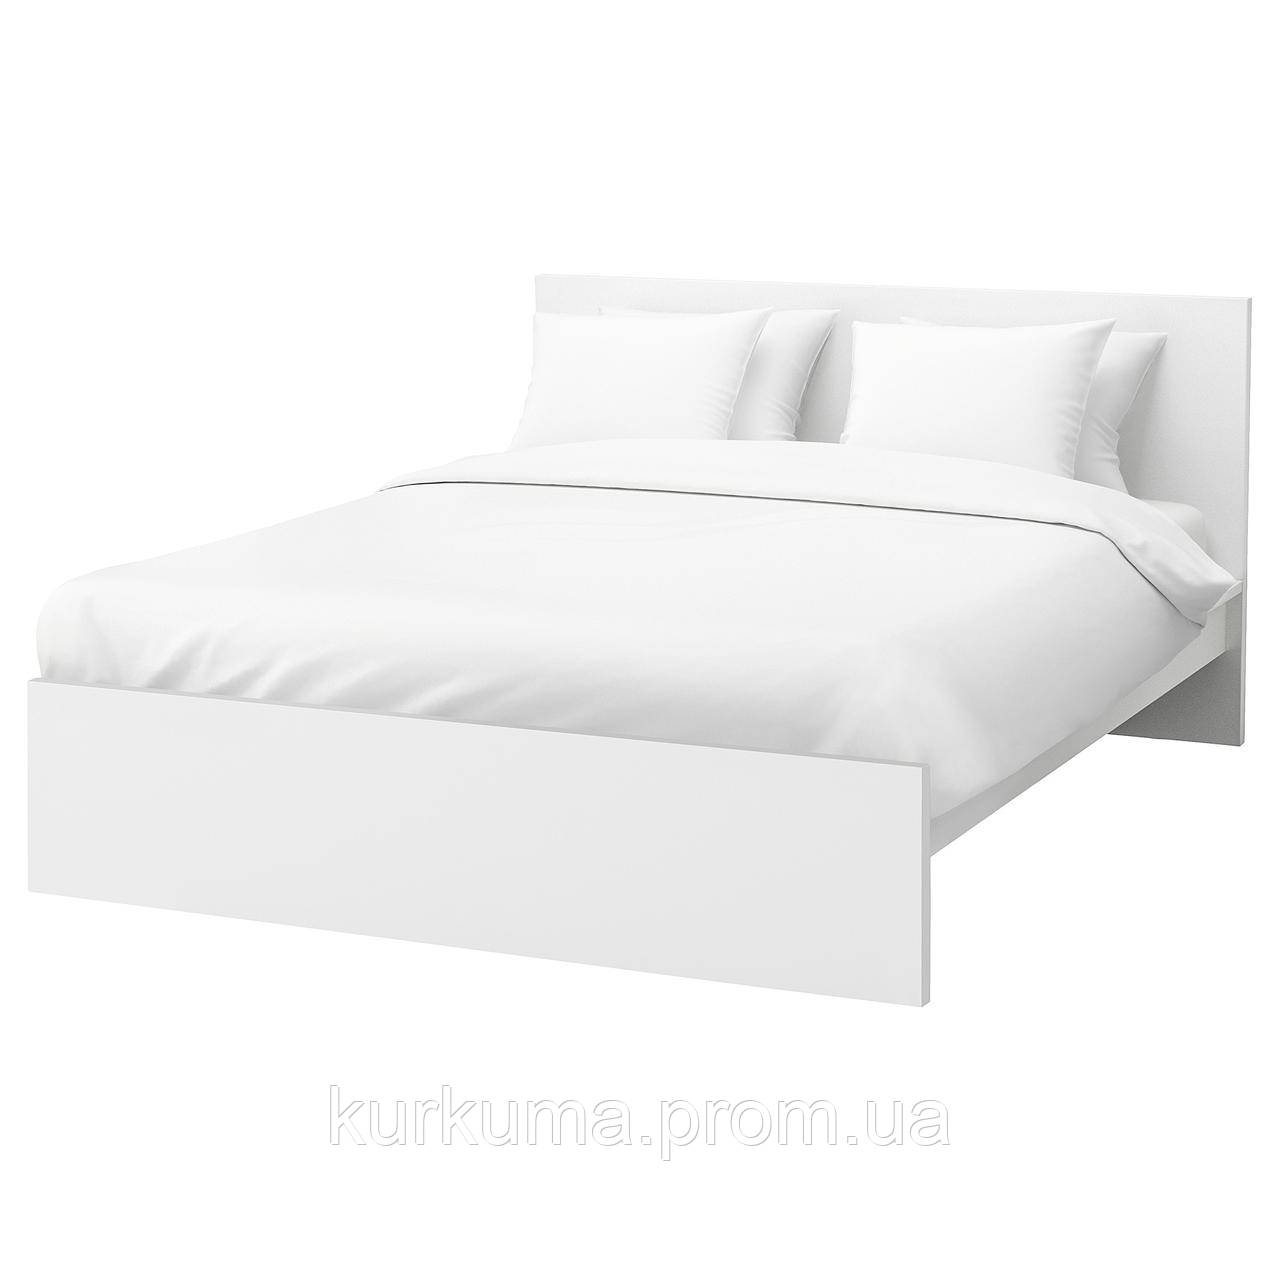 IKEA MALM Кровать высокая, белый  (299.315.96)